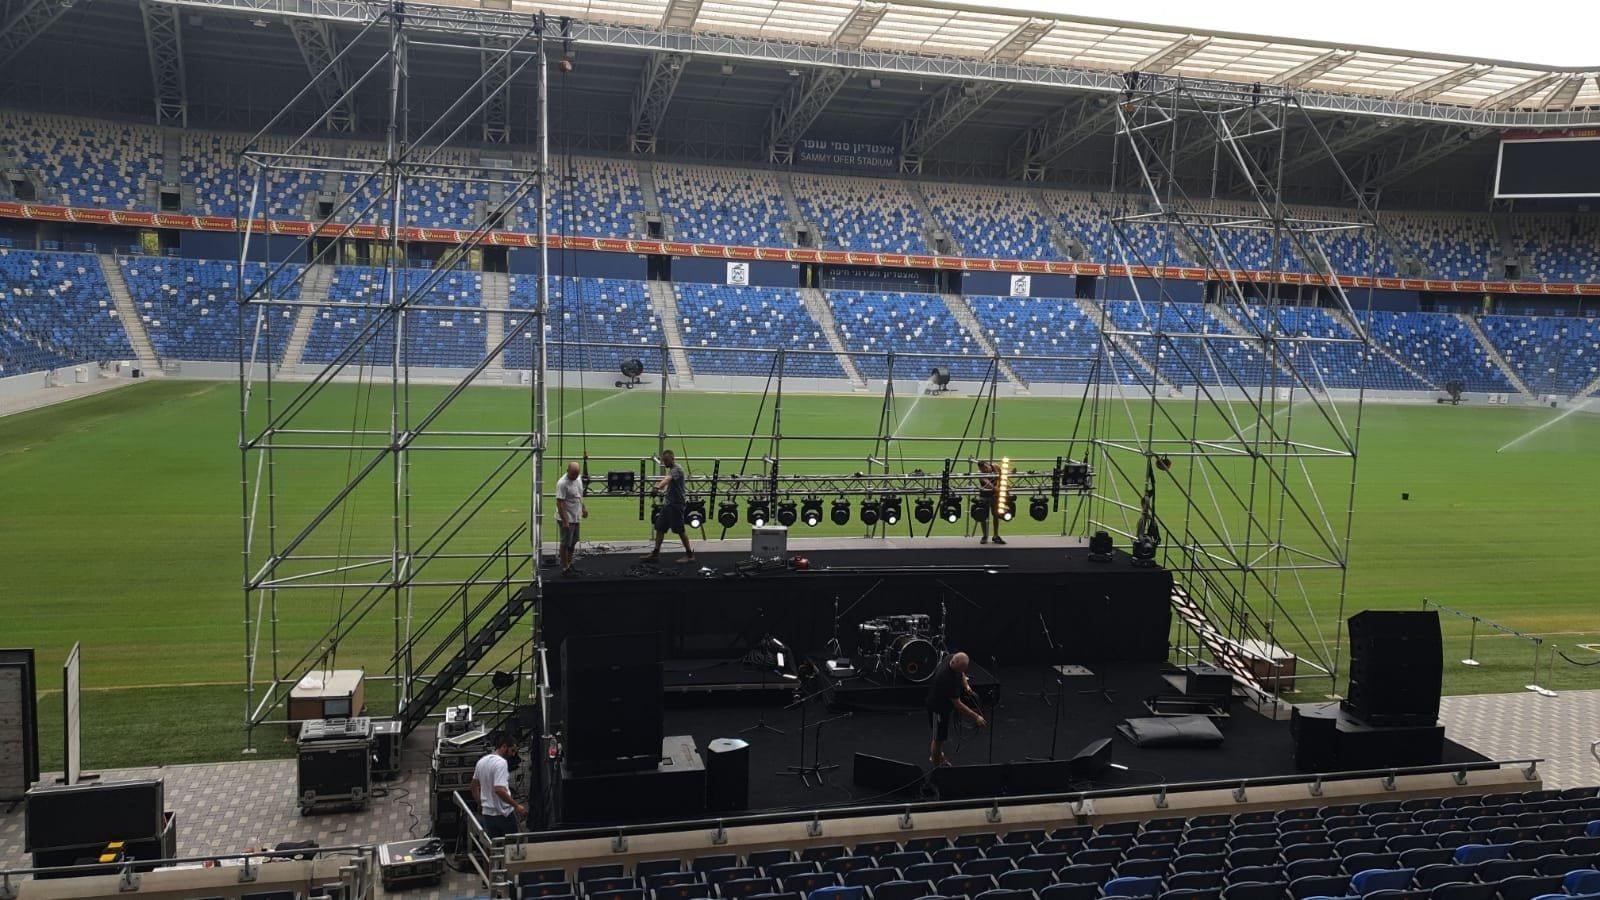 הכנות אחרונות להופעה סגורה באצטדיון